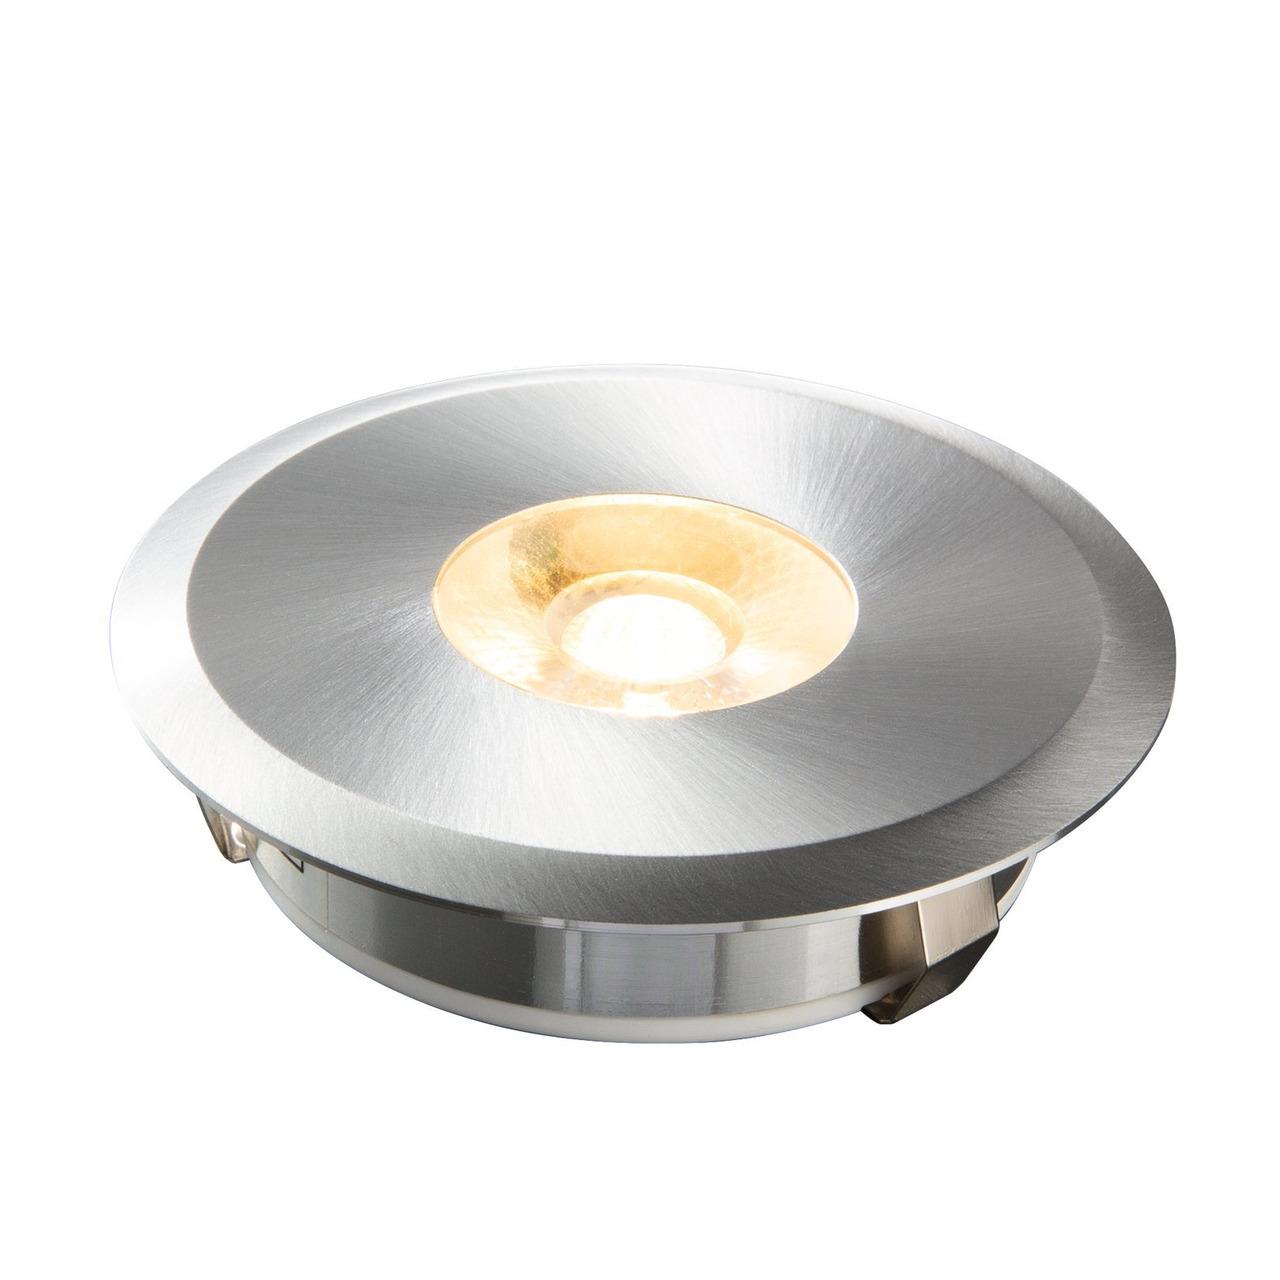 HEITRONIC 6-W-LED-Einbaustrahler AUSTIN aus gebürstetem Aluminium- rund- IP20- Einbautiefe nur 20 mm